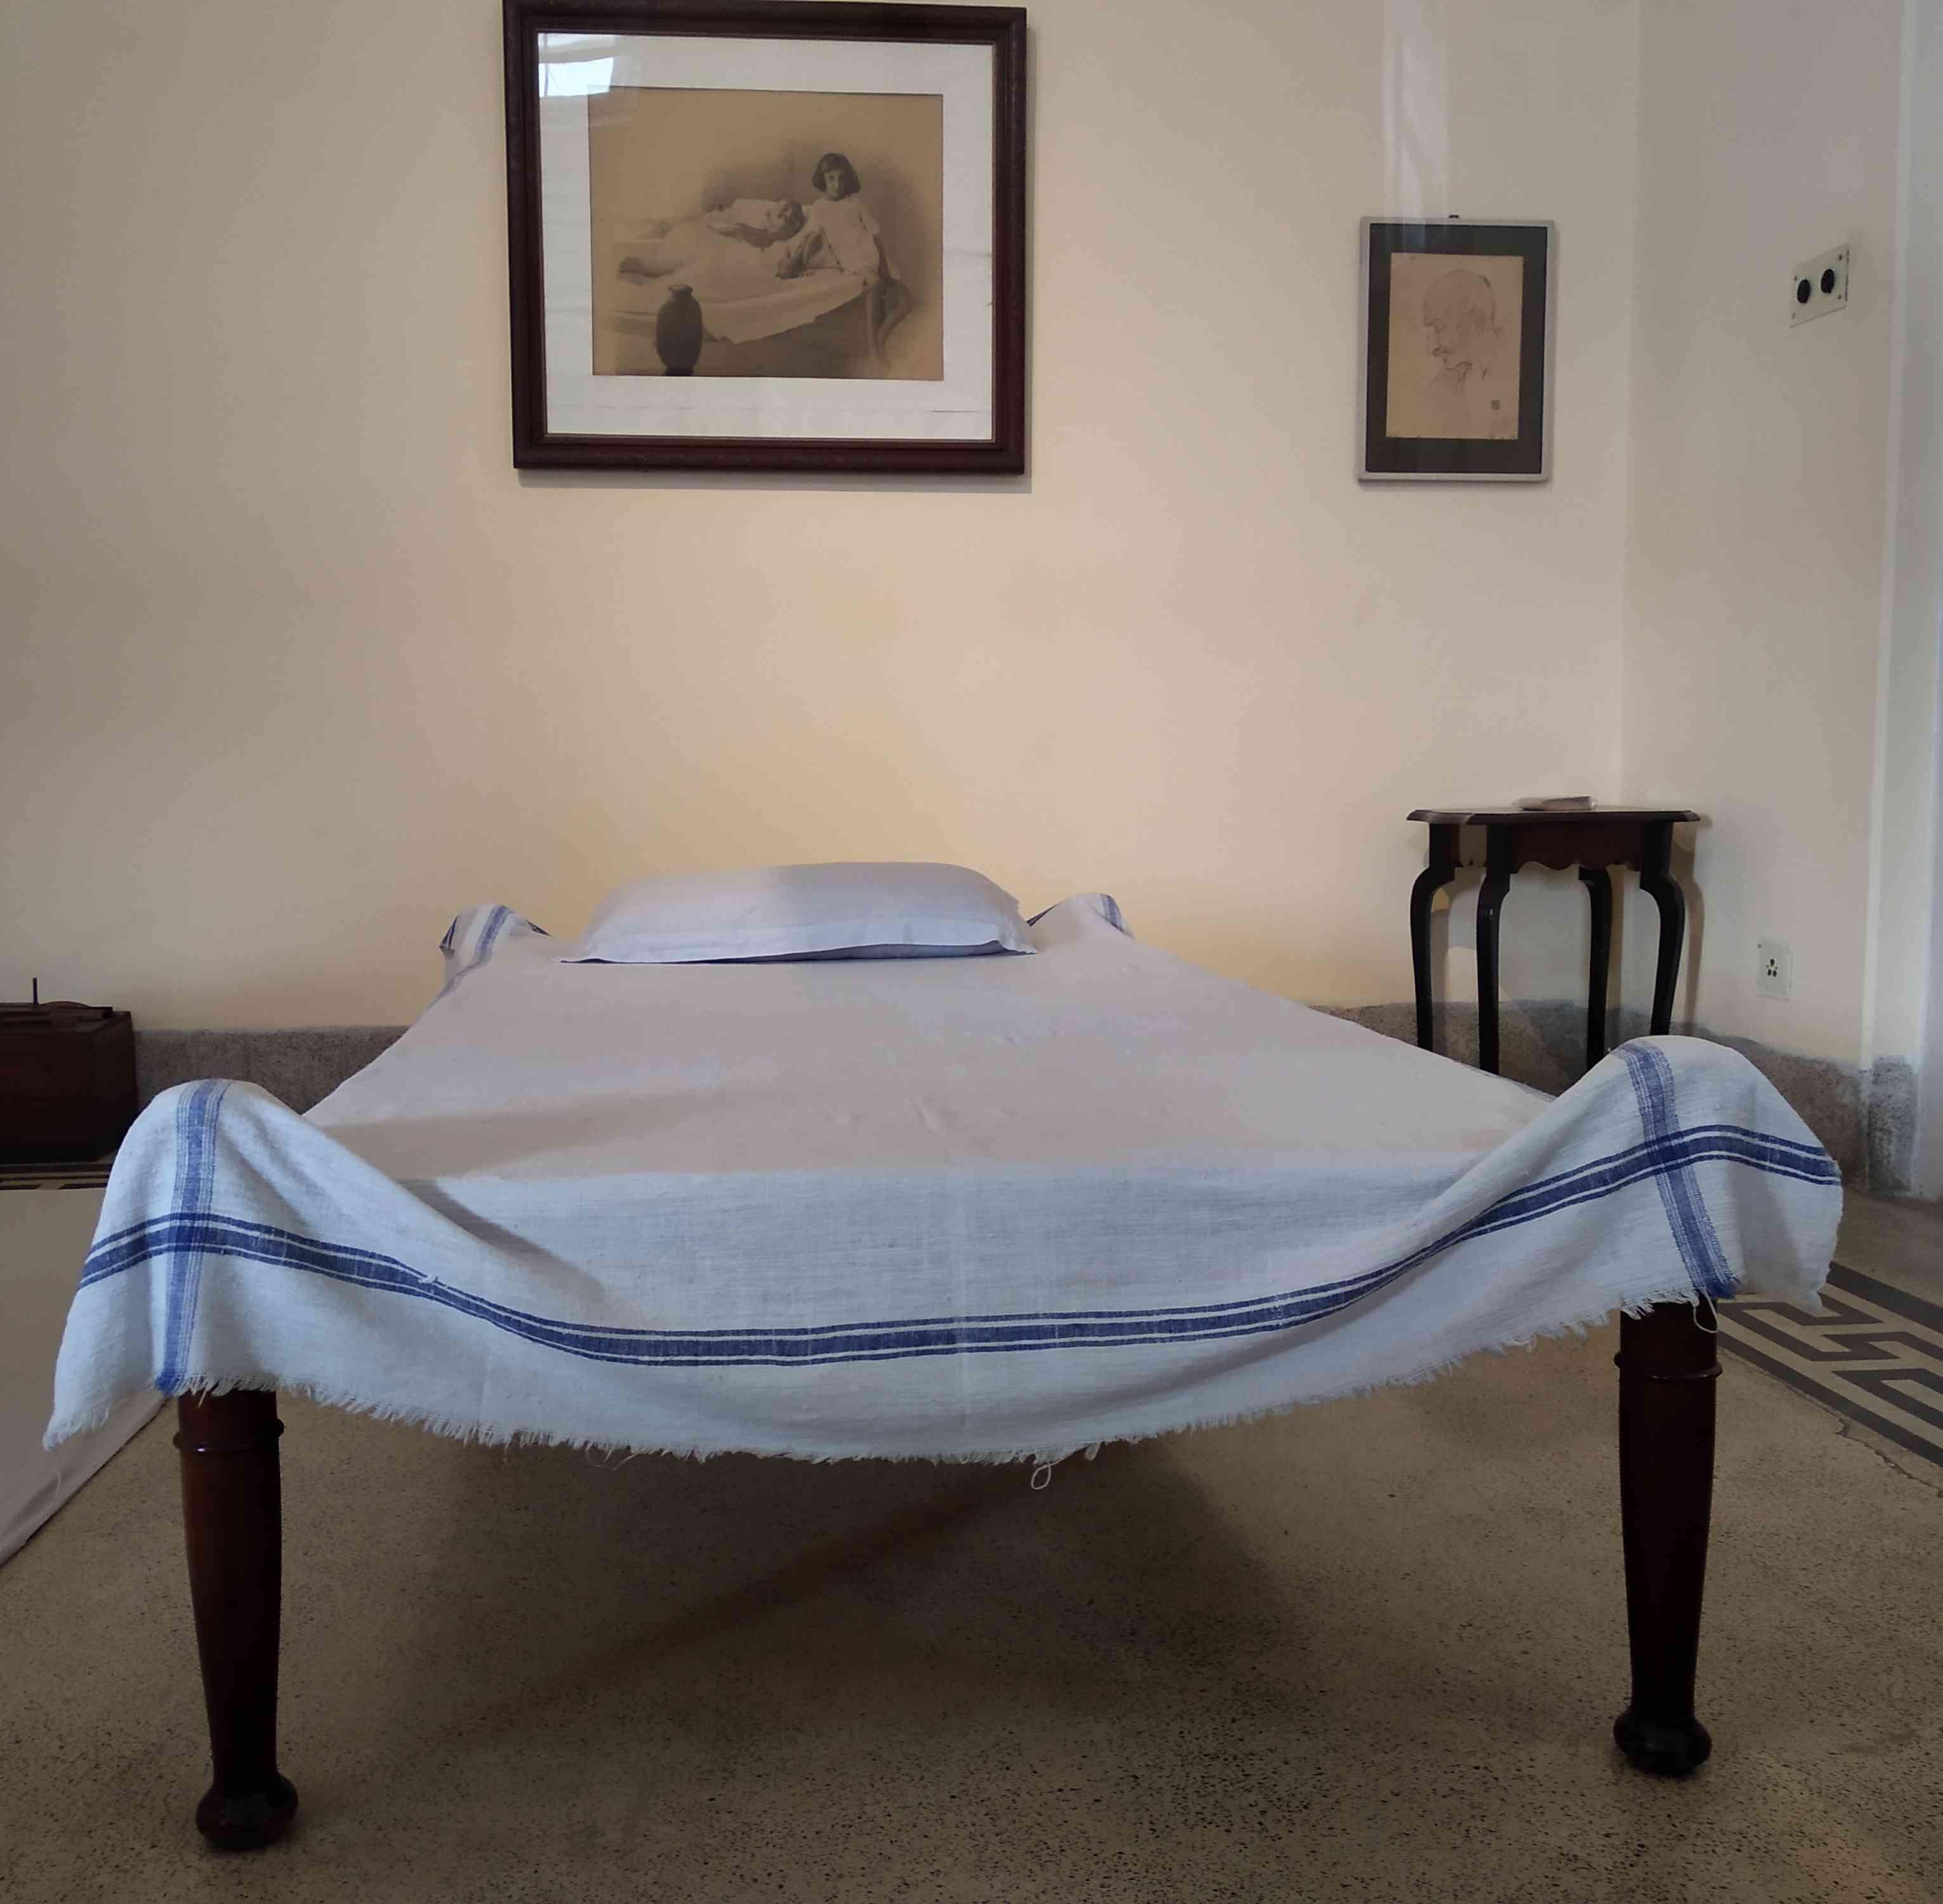 महात्मी गांधी का बिस्तर और इंदिरा गांधी की तस्वीर